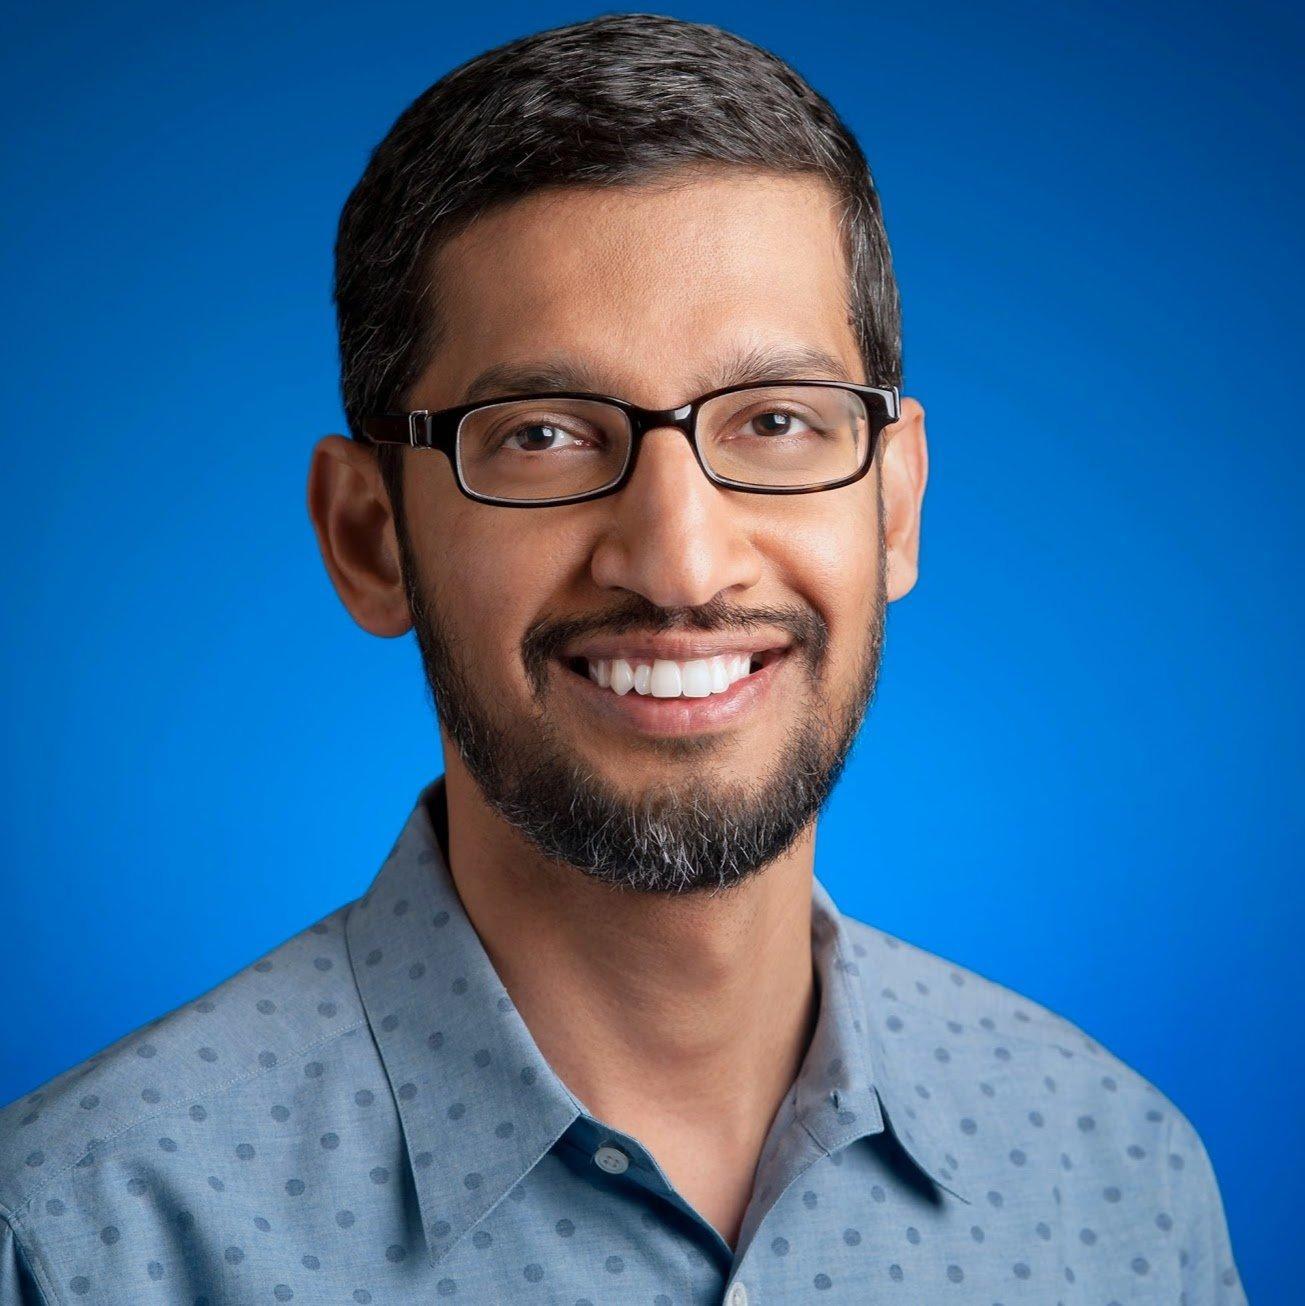 Muslim ban: la reazione dei più grandi manager del tech